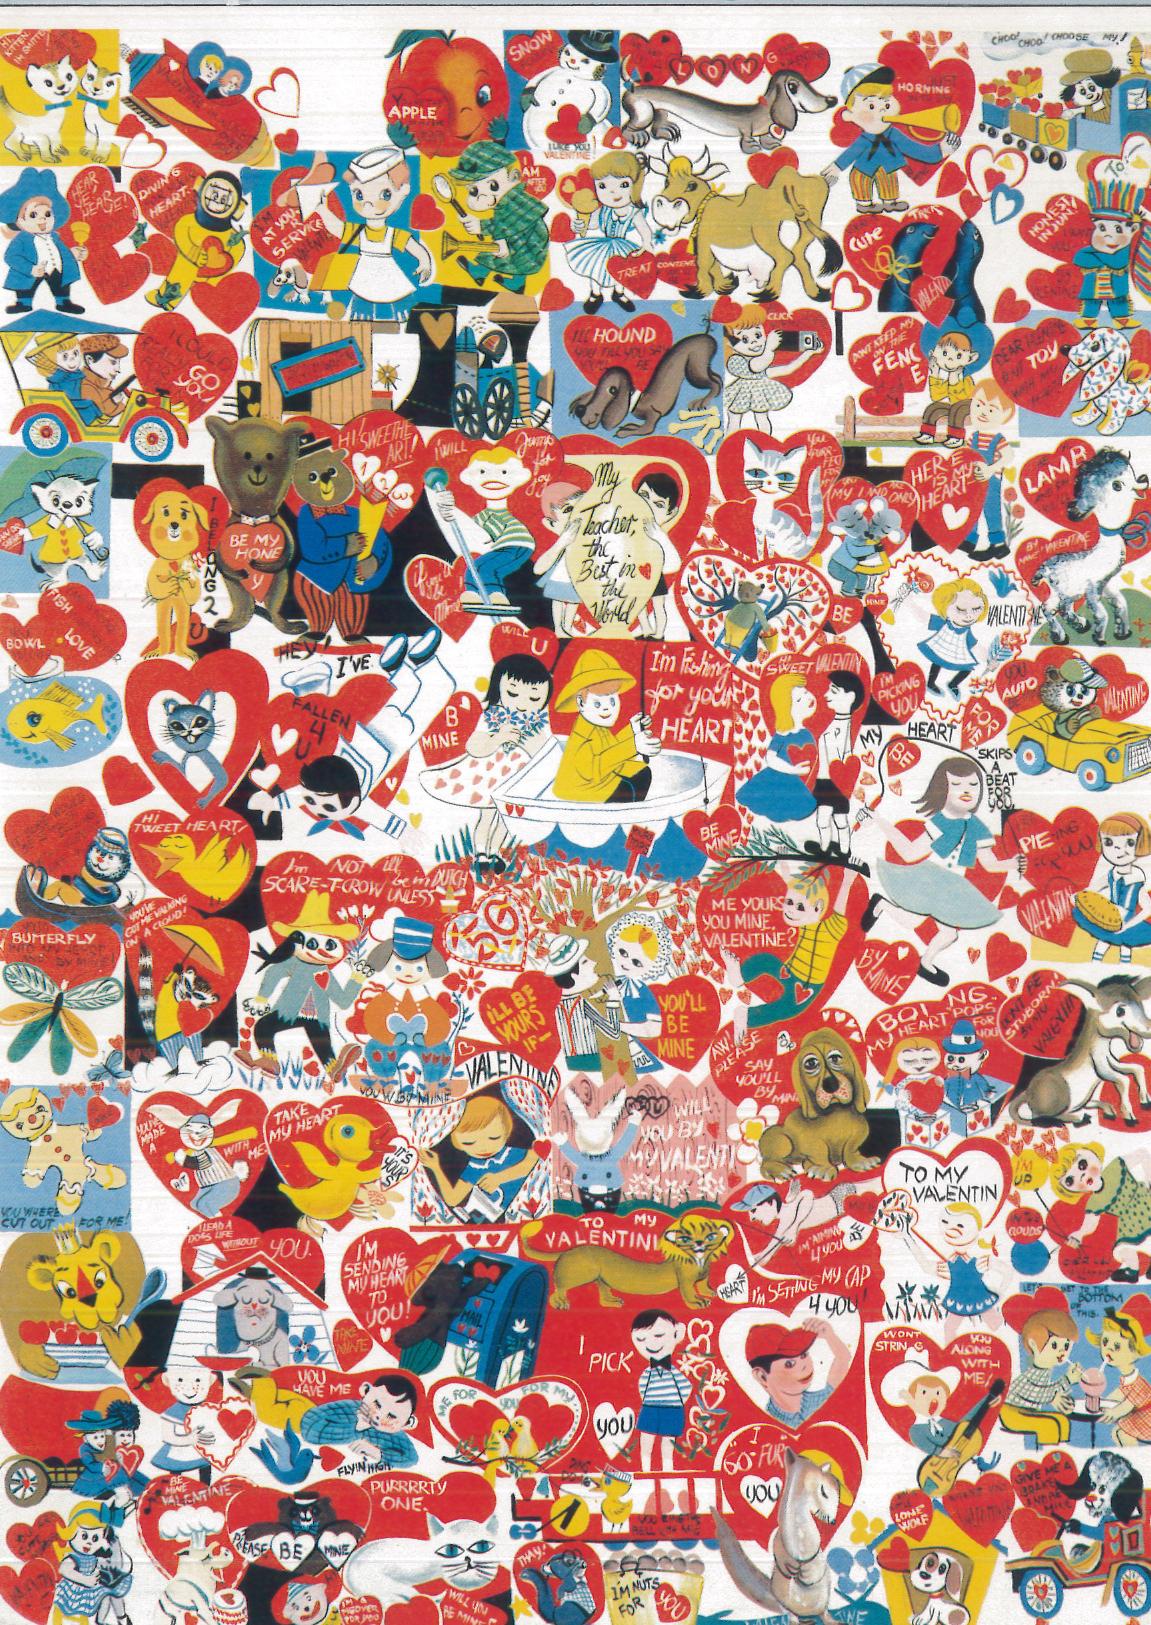 20-Erro-peintures-des-annees-60-Paris-Galerie-1900-2000-1991